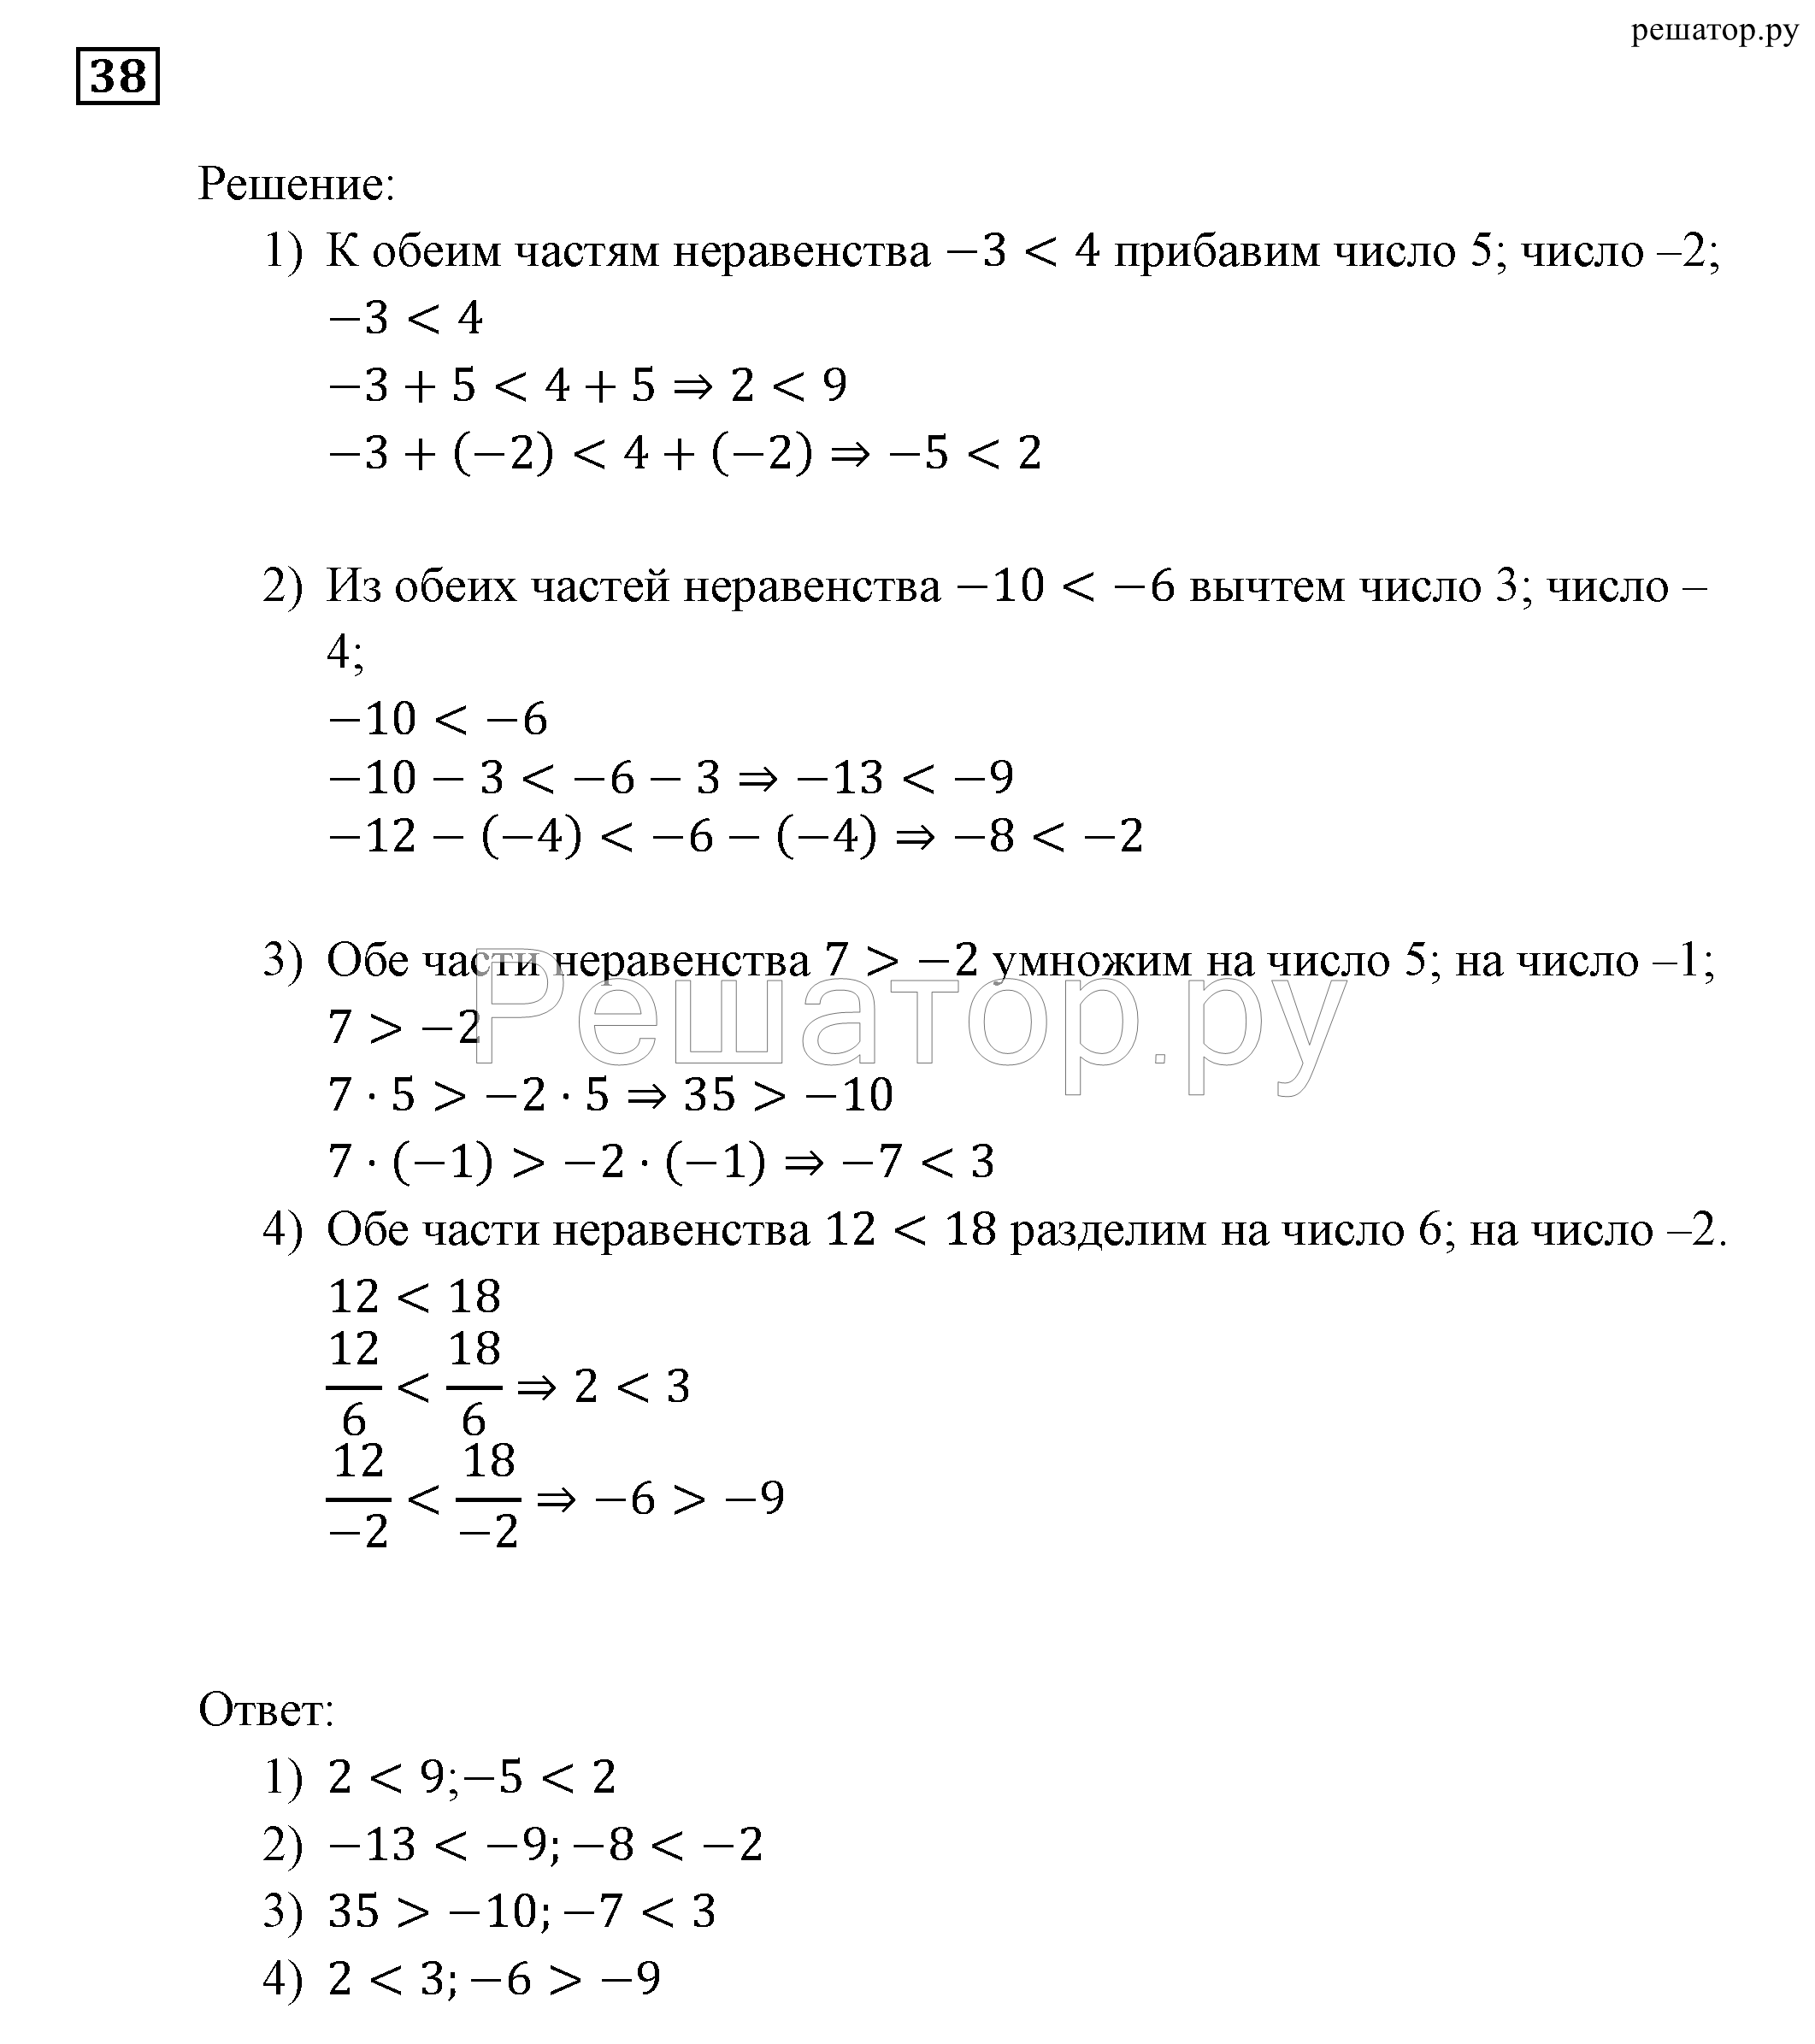 гдз для сборника задач по алгебре 9 класс мерзляк